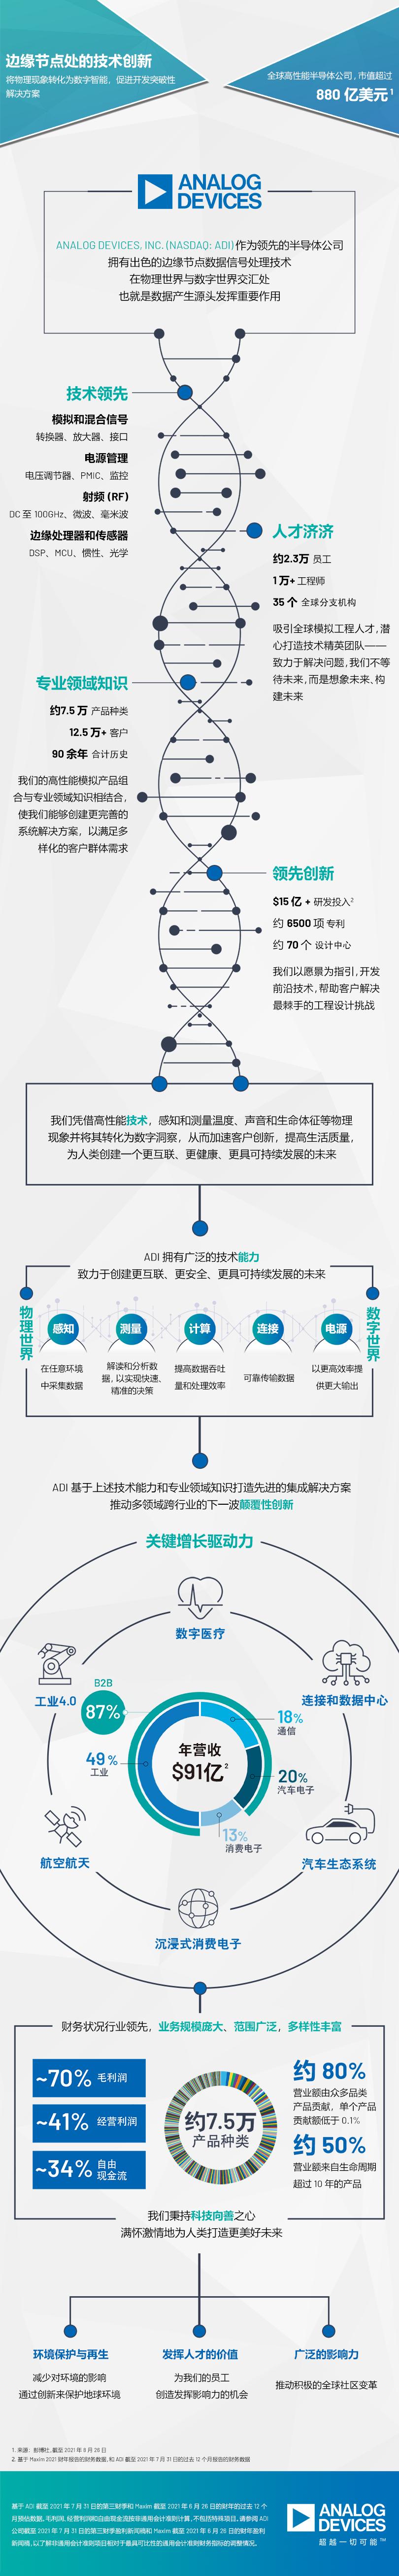 一图读懂ADI收购Maxim后的新变化!-芯智讯